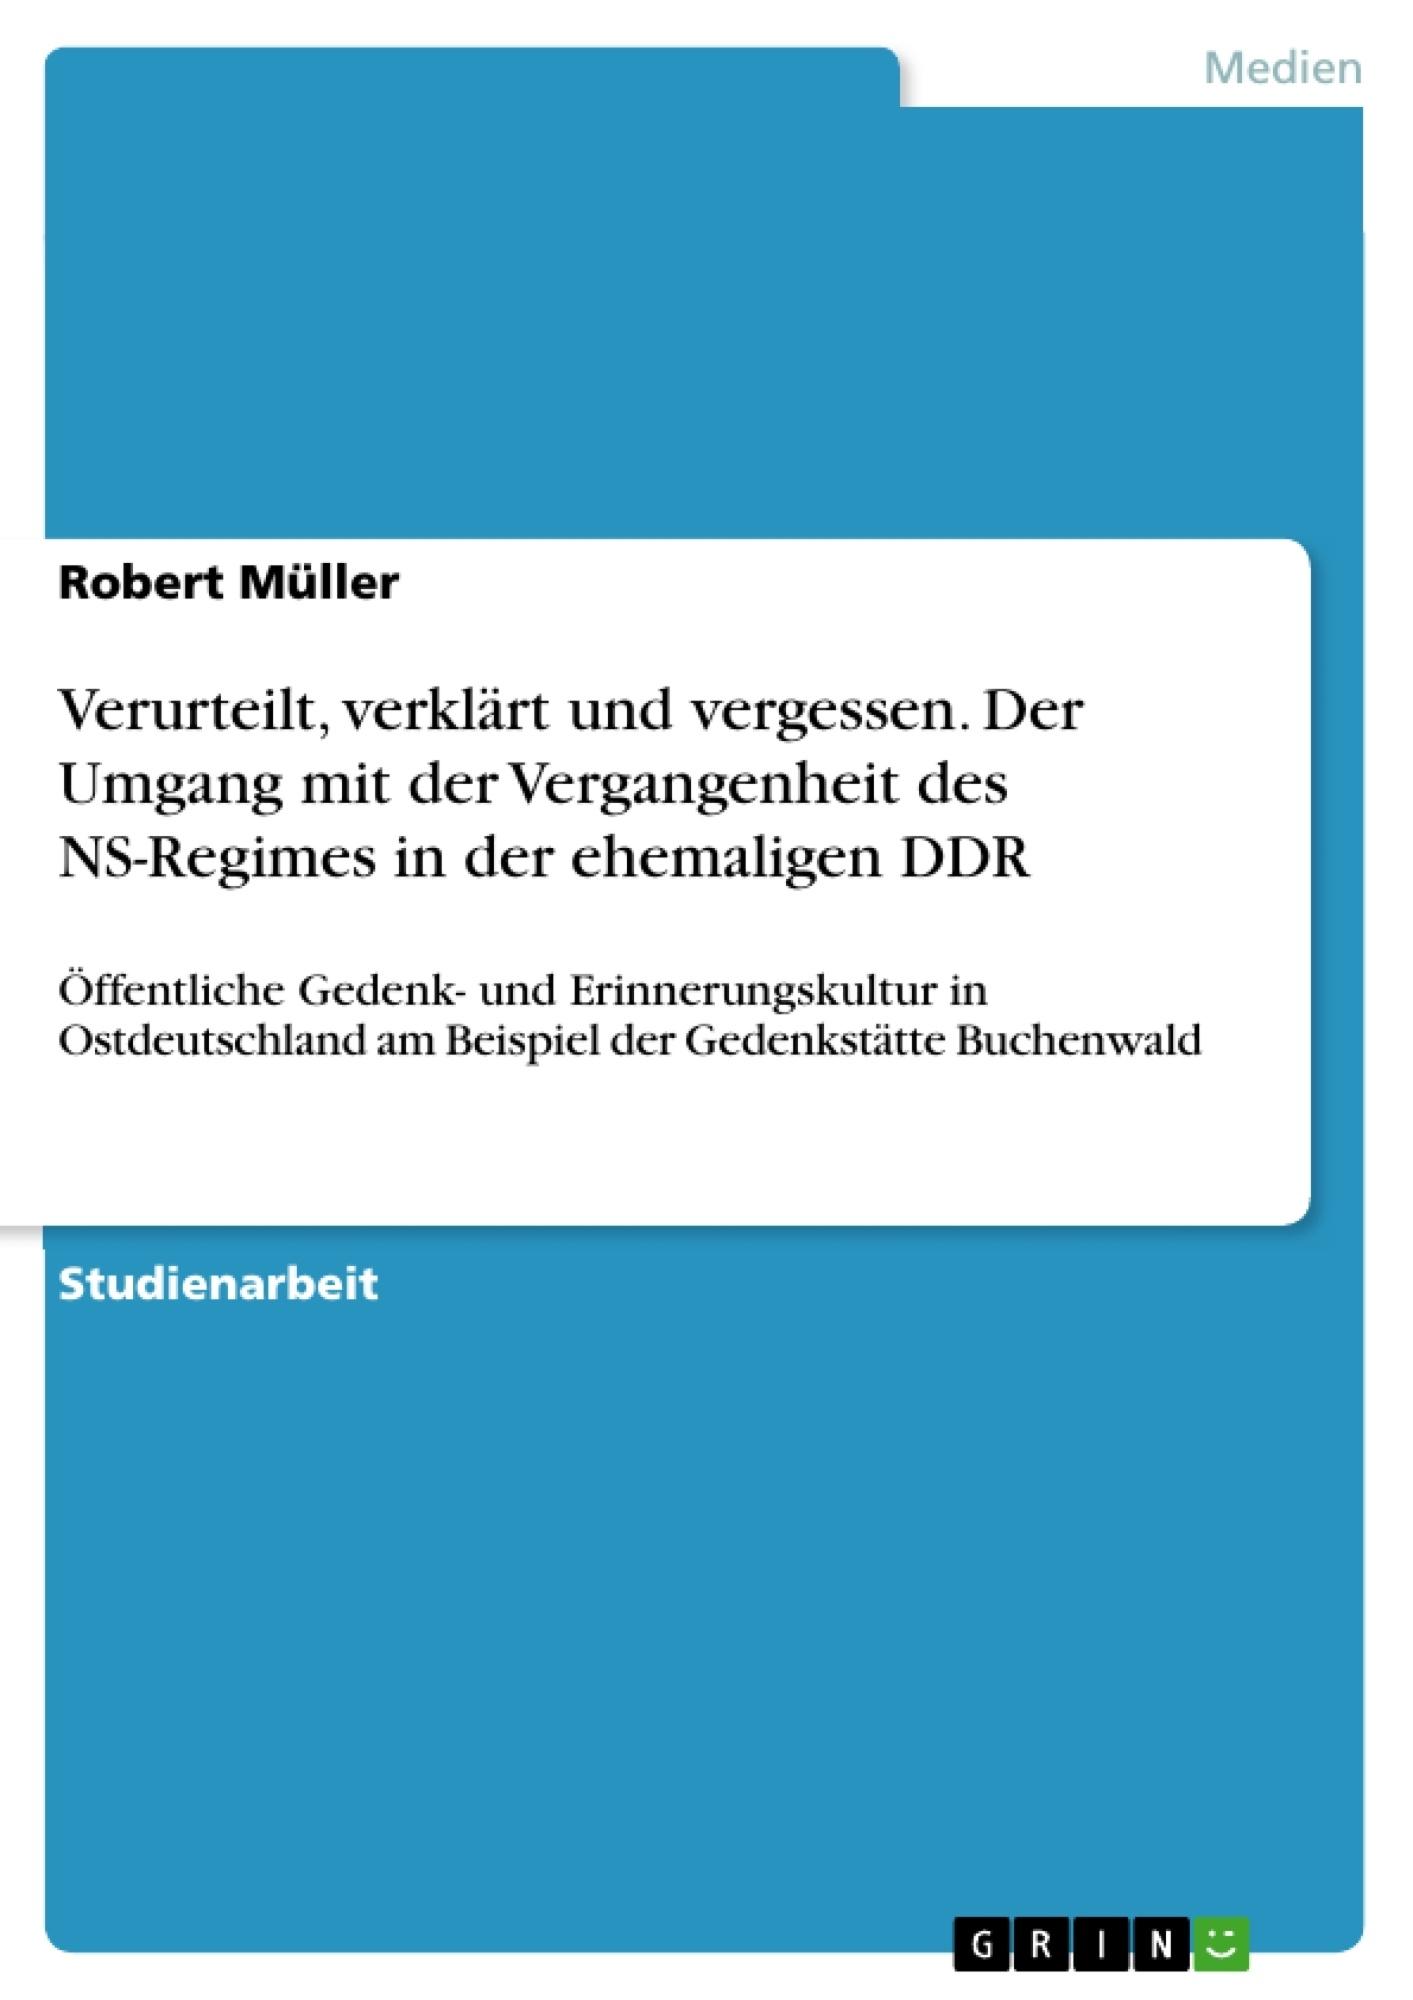 Titel: Verurteilt, verklärt und vergessen. Der Umgang mit der Vergangenheit des NS-Regimes in der ehemaligen DDR